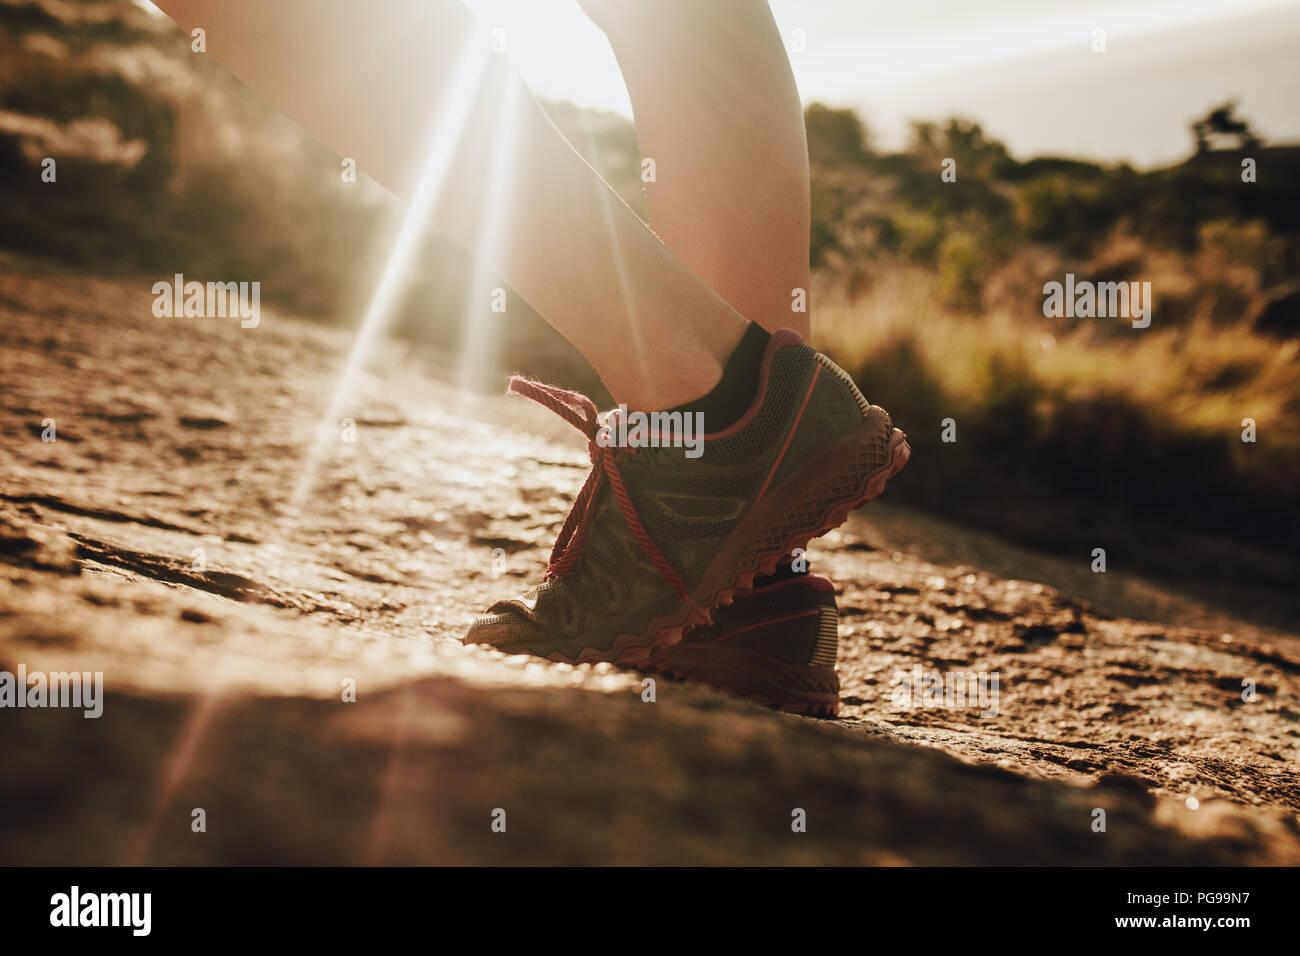 Close up female Mountain Trail Runner le port de la chaussure de sport debout dans la lumière du soleil. Femme debout dans des chaussures de course en sentier rocheux. Photo Stock